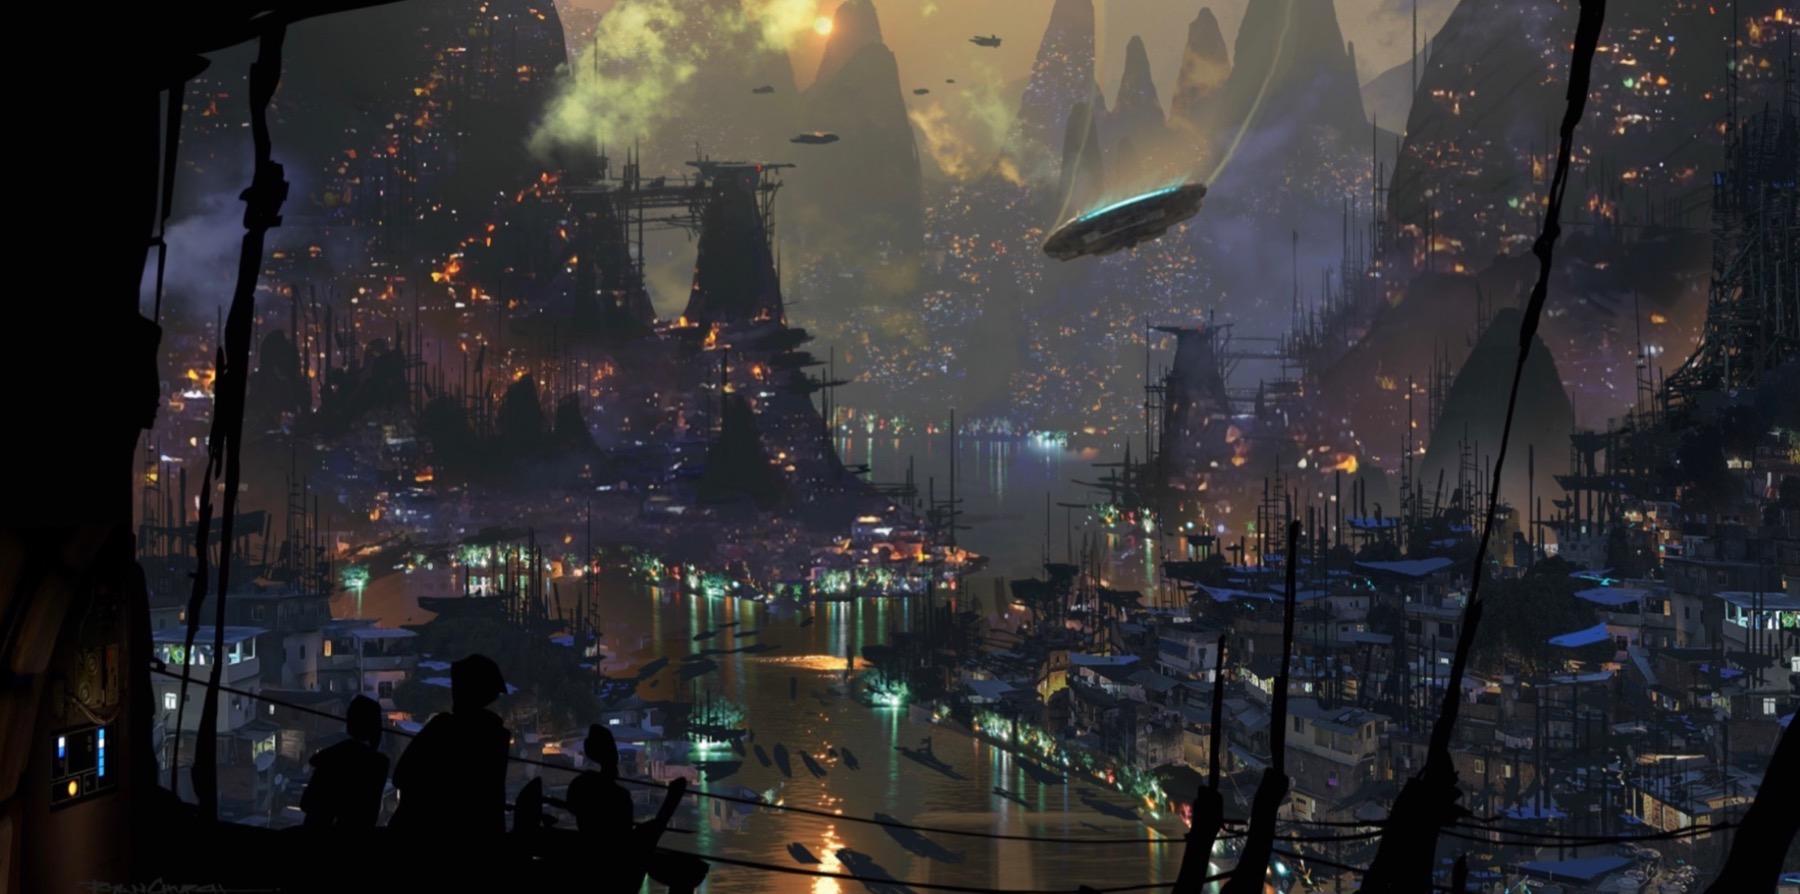 Колин Треворроу концепт-арты фильма Дуэль судеб Планета Бонадан, где По жил со своим дедушкой